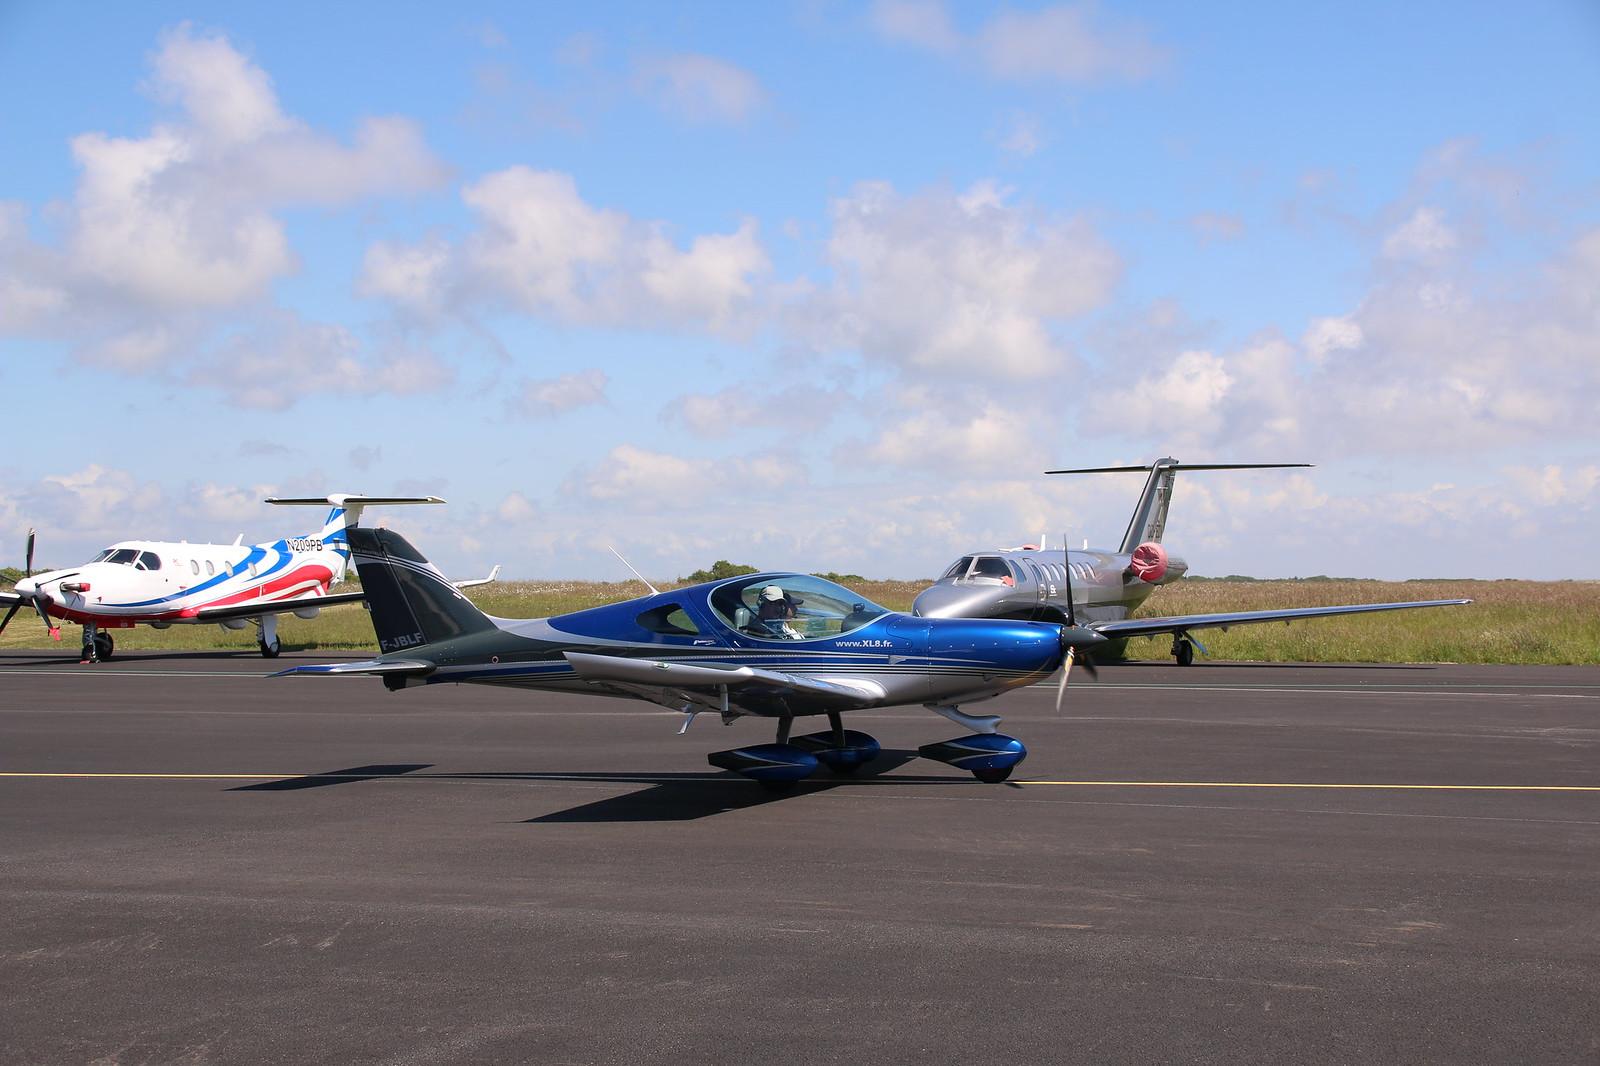 Aérodrome de La Baule Escoublac - Page 3 33950657134_be04500025_h